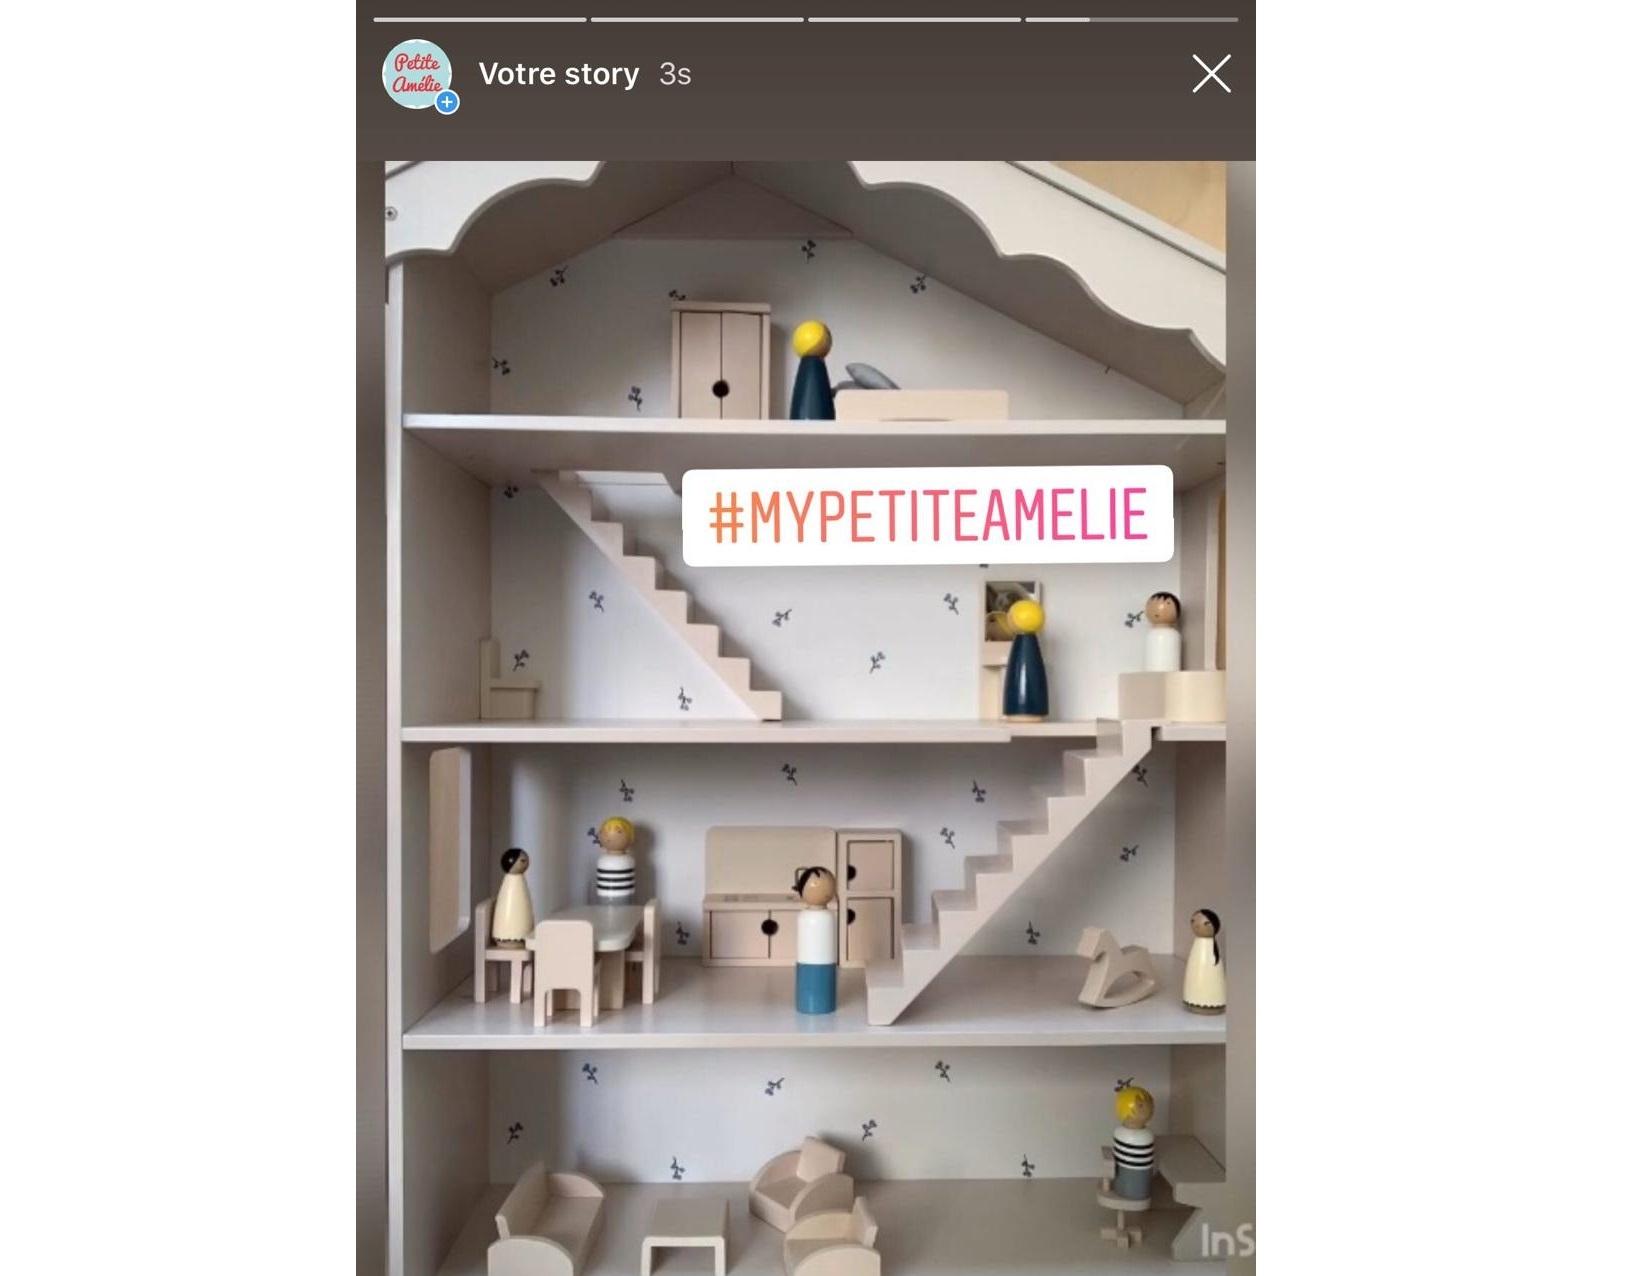 Erstelle deine eigene Puppenhaus Story mit INSHOT- Schritt 4